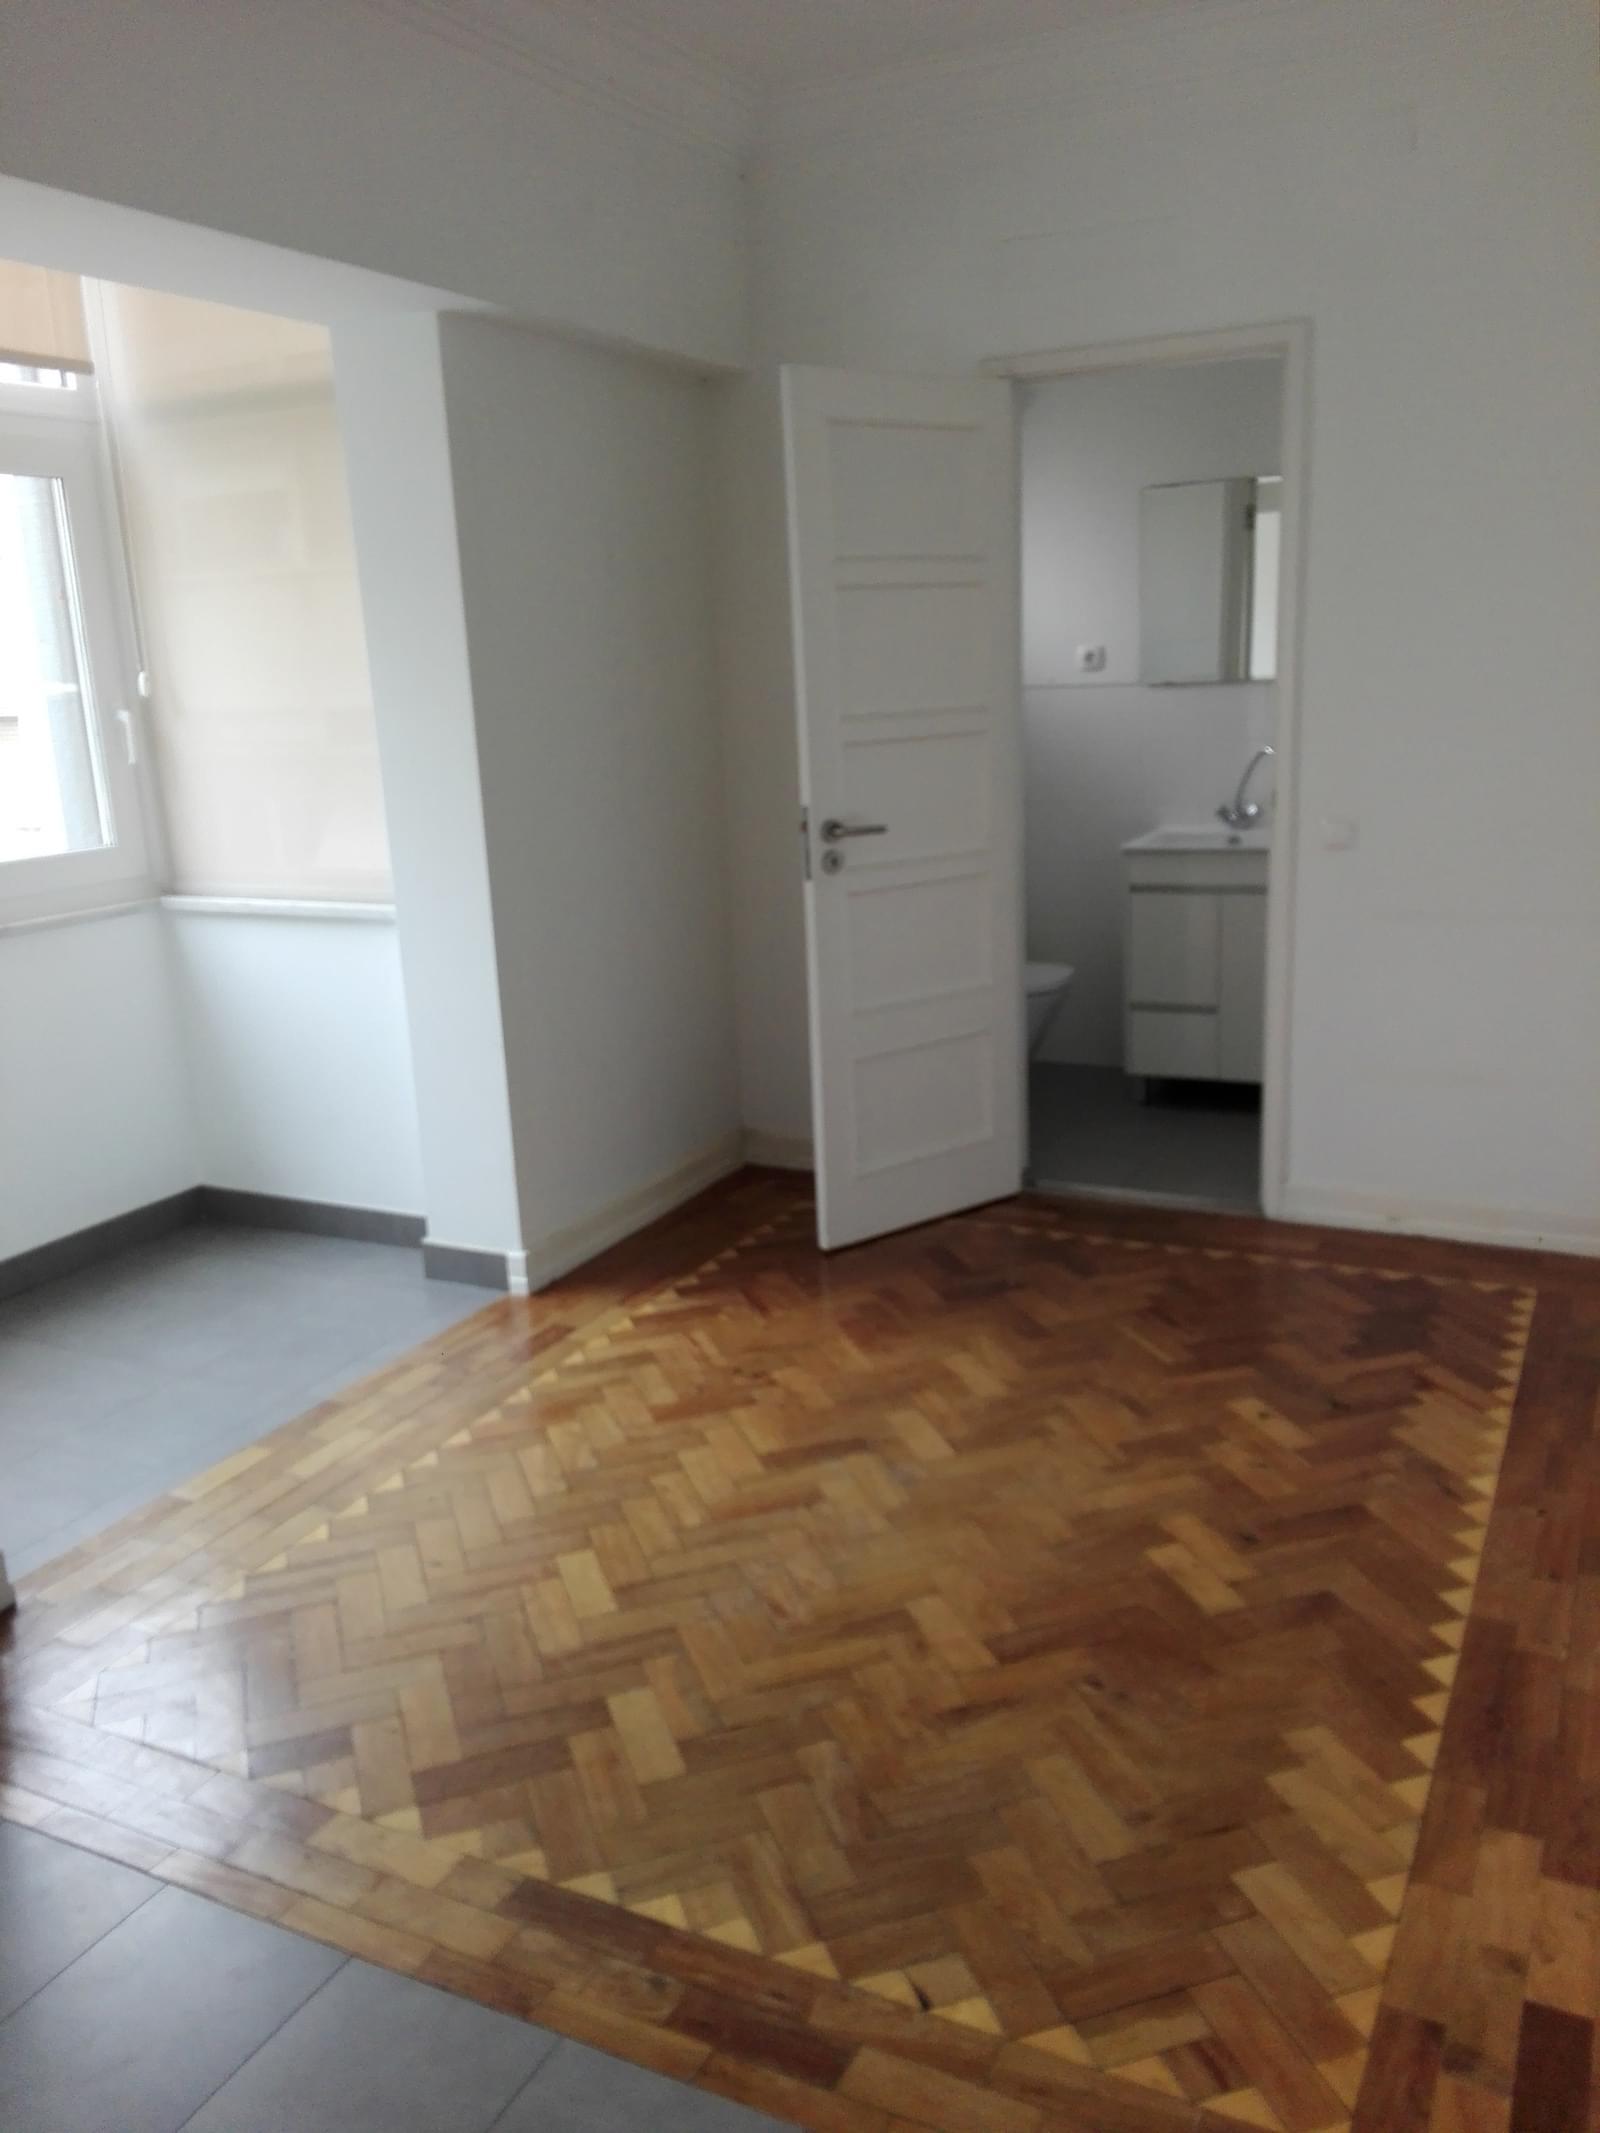 pf17056-apartamento-t4-1-lisboa-bc5bd255-3e7b-48d2-8e6b-d14364707a25